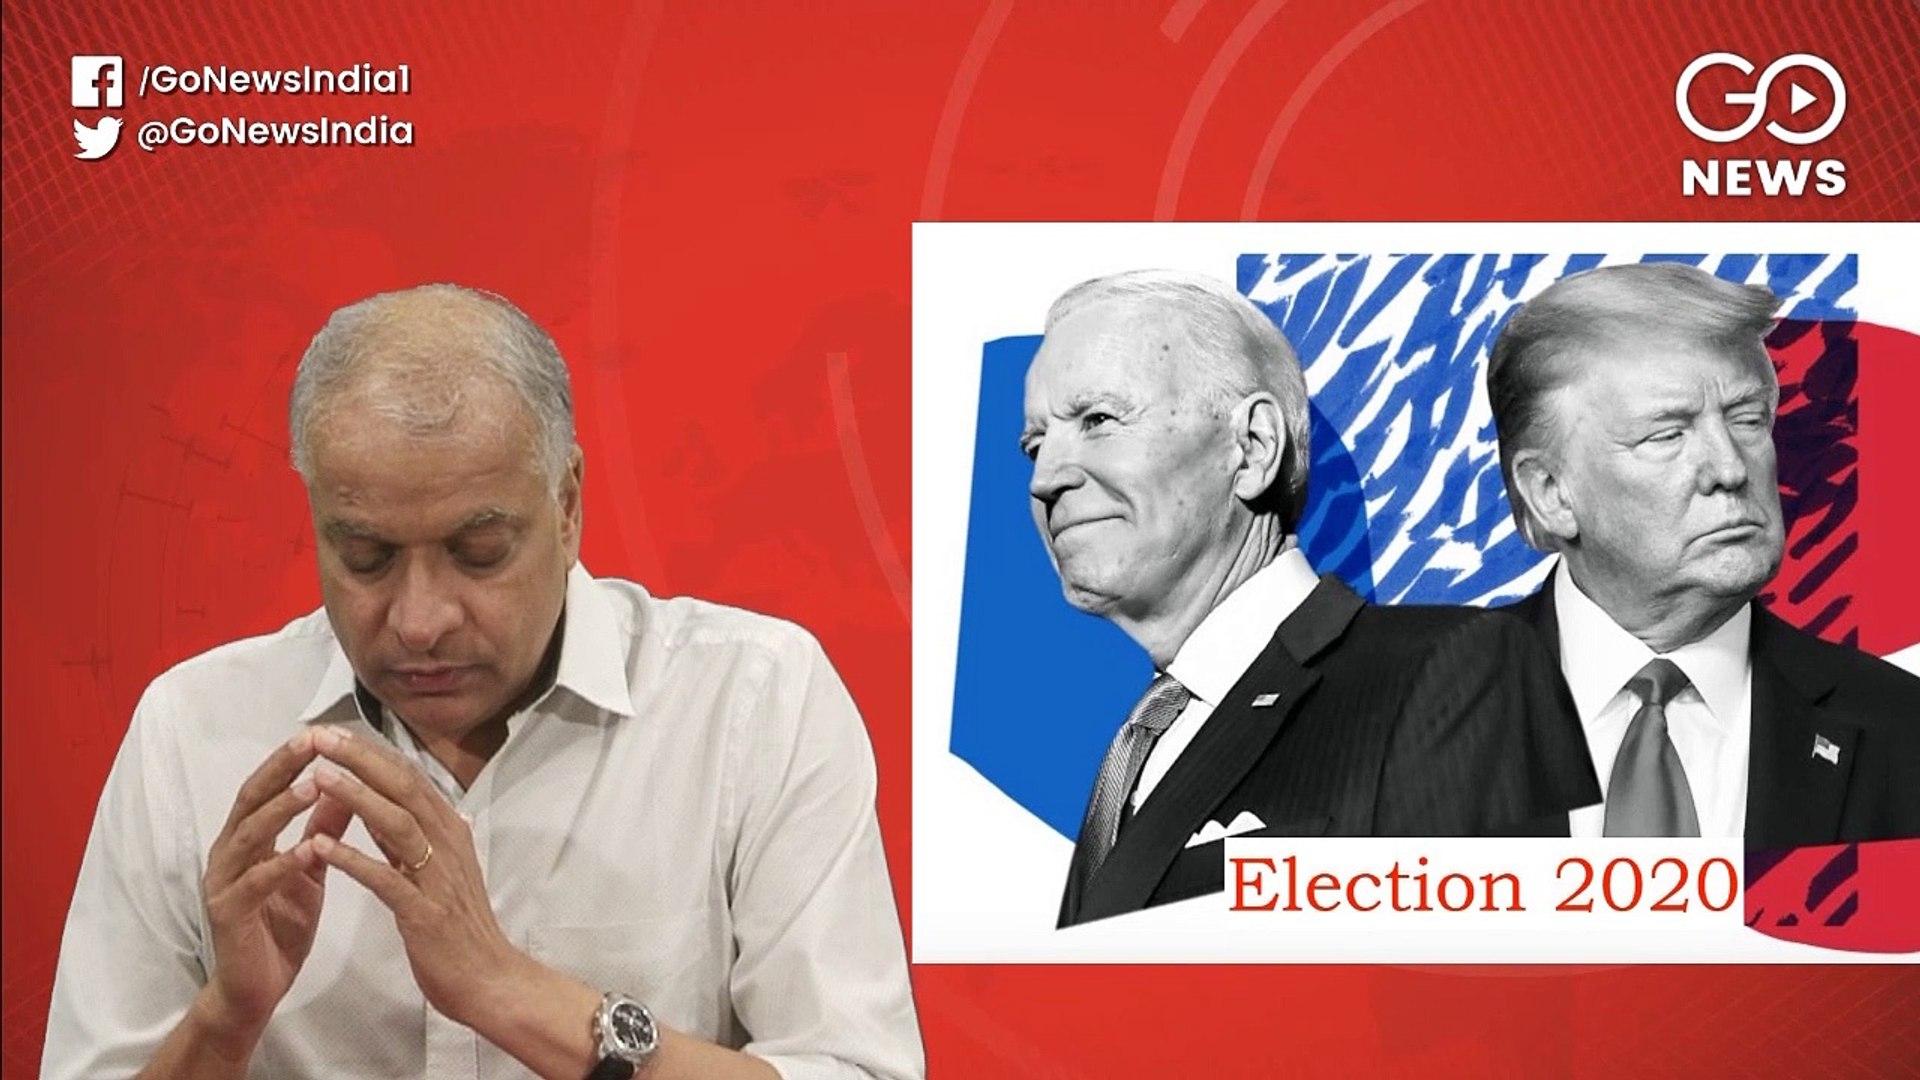 अमेरिकी चुनाव: बाइडन की बढ़ती लोकप्रियता ट्रंप के लिए ख़तरा